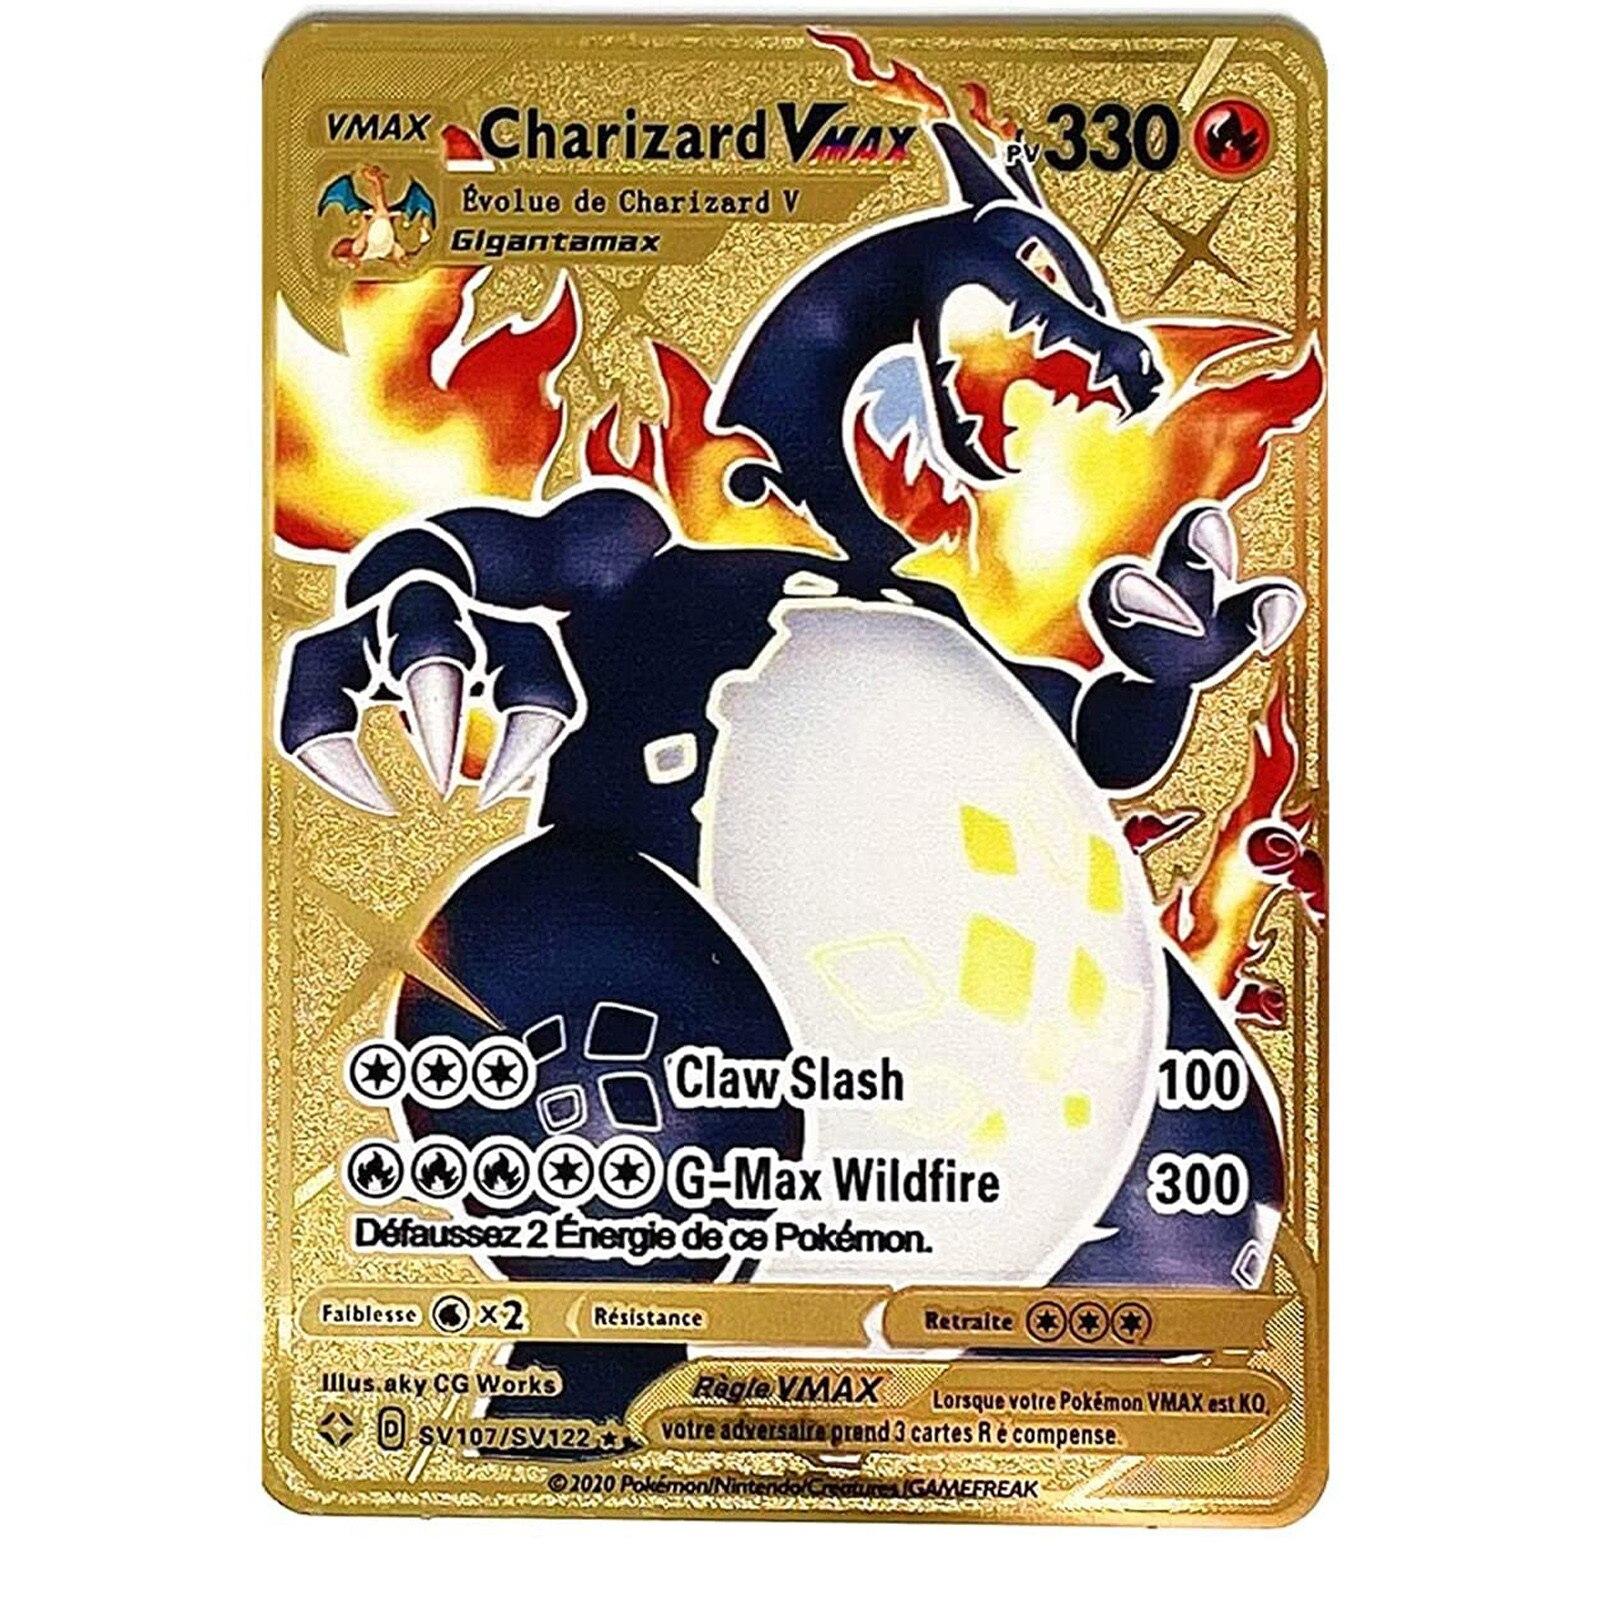 Новинка-Покемон-французская-металлическая-игра-аниме-Боевая-карточка-золотой-огненный-дракон-коллекционная-карточка-экшн-фигурка-мод